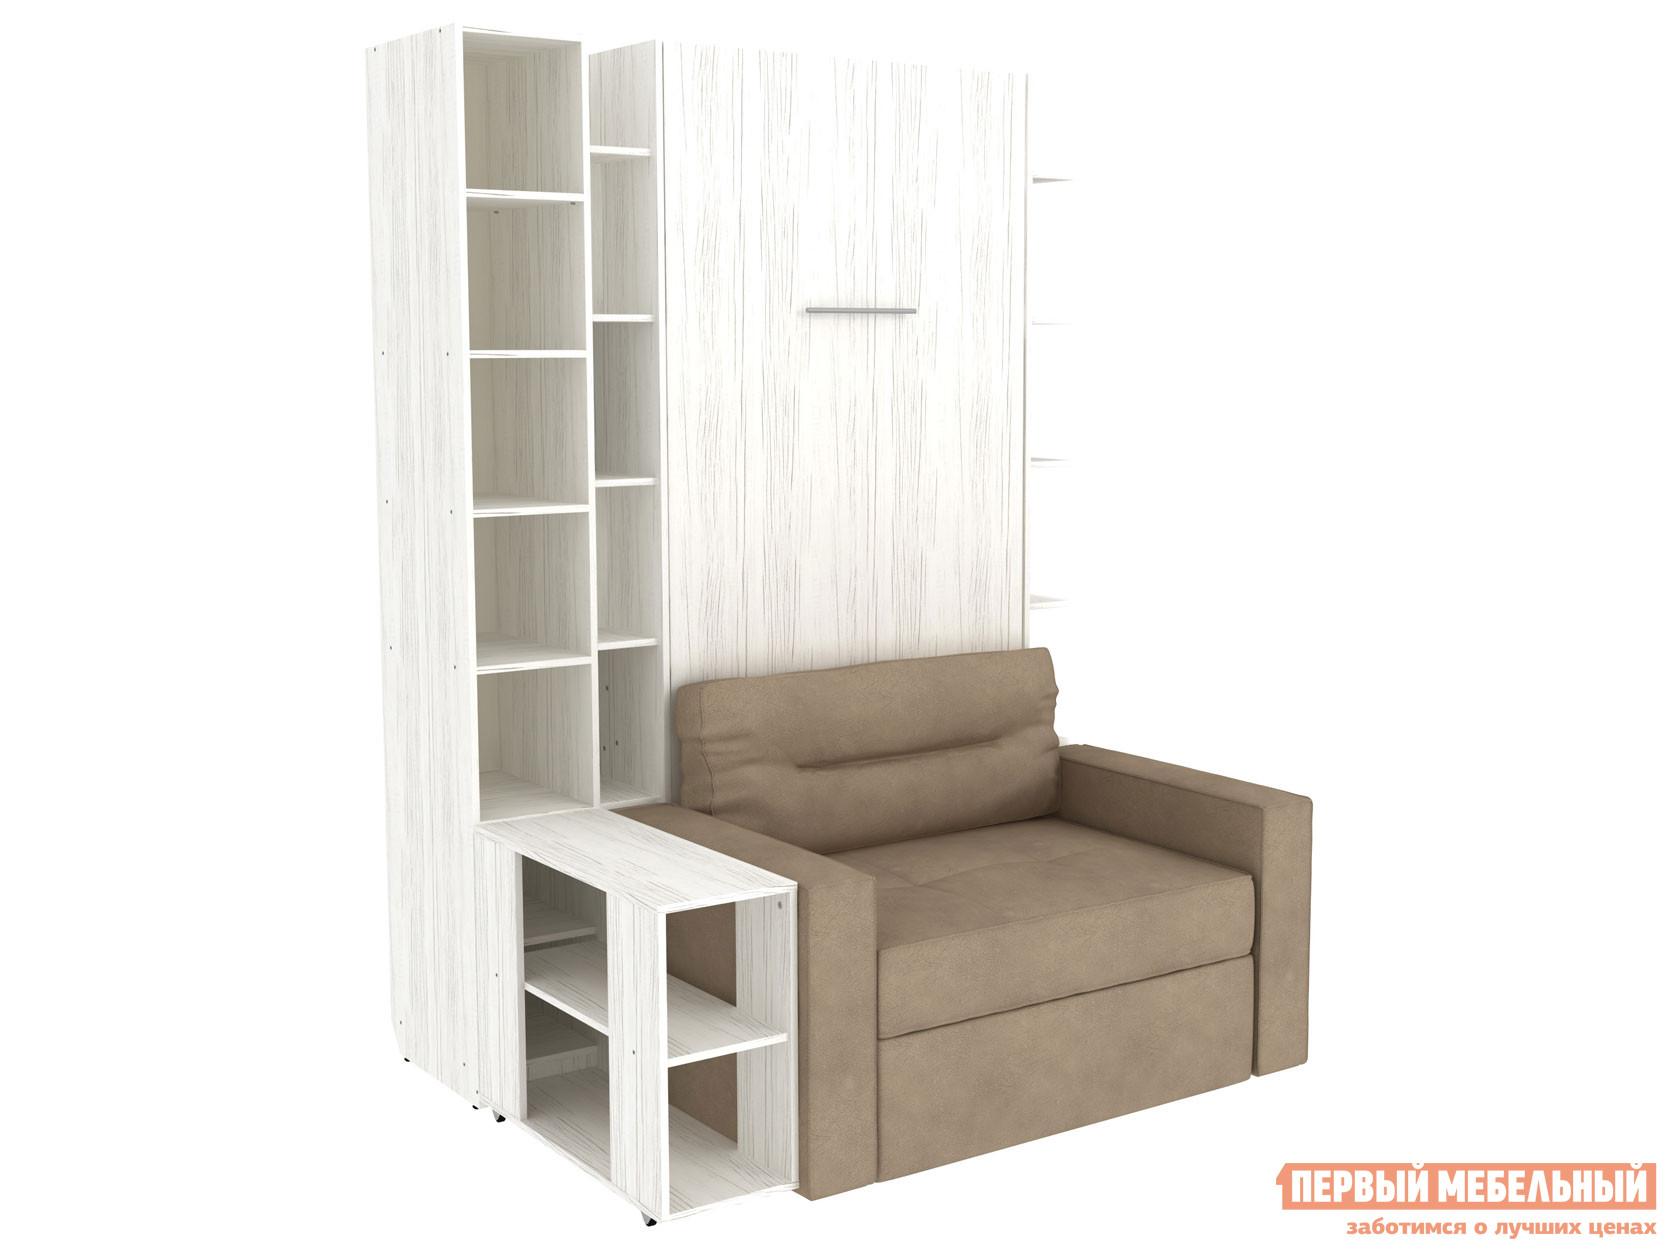 Диван-кровать Первый Мебельный Диван-кровать Мерлен